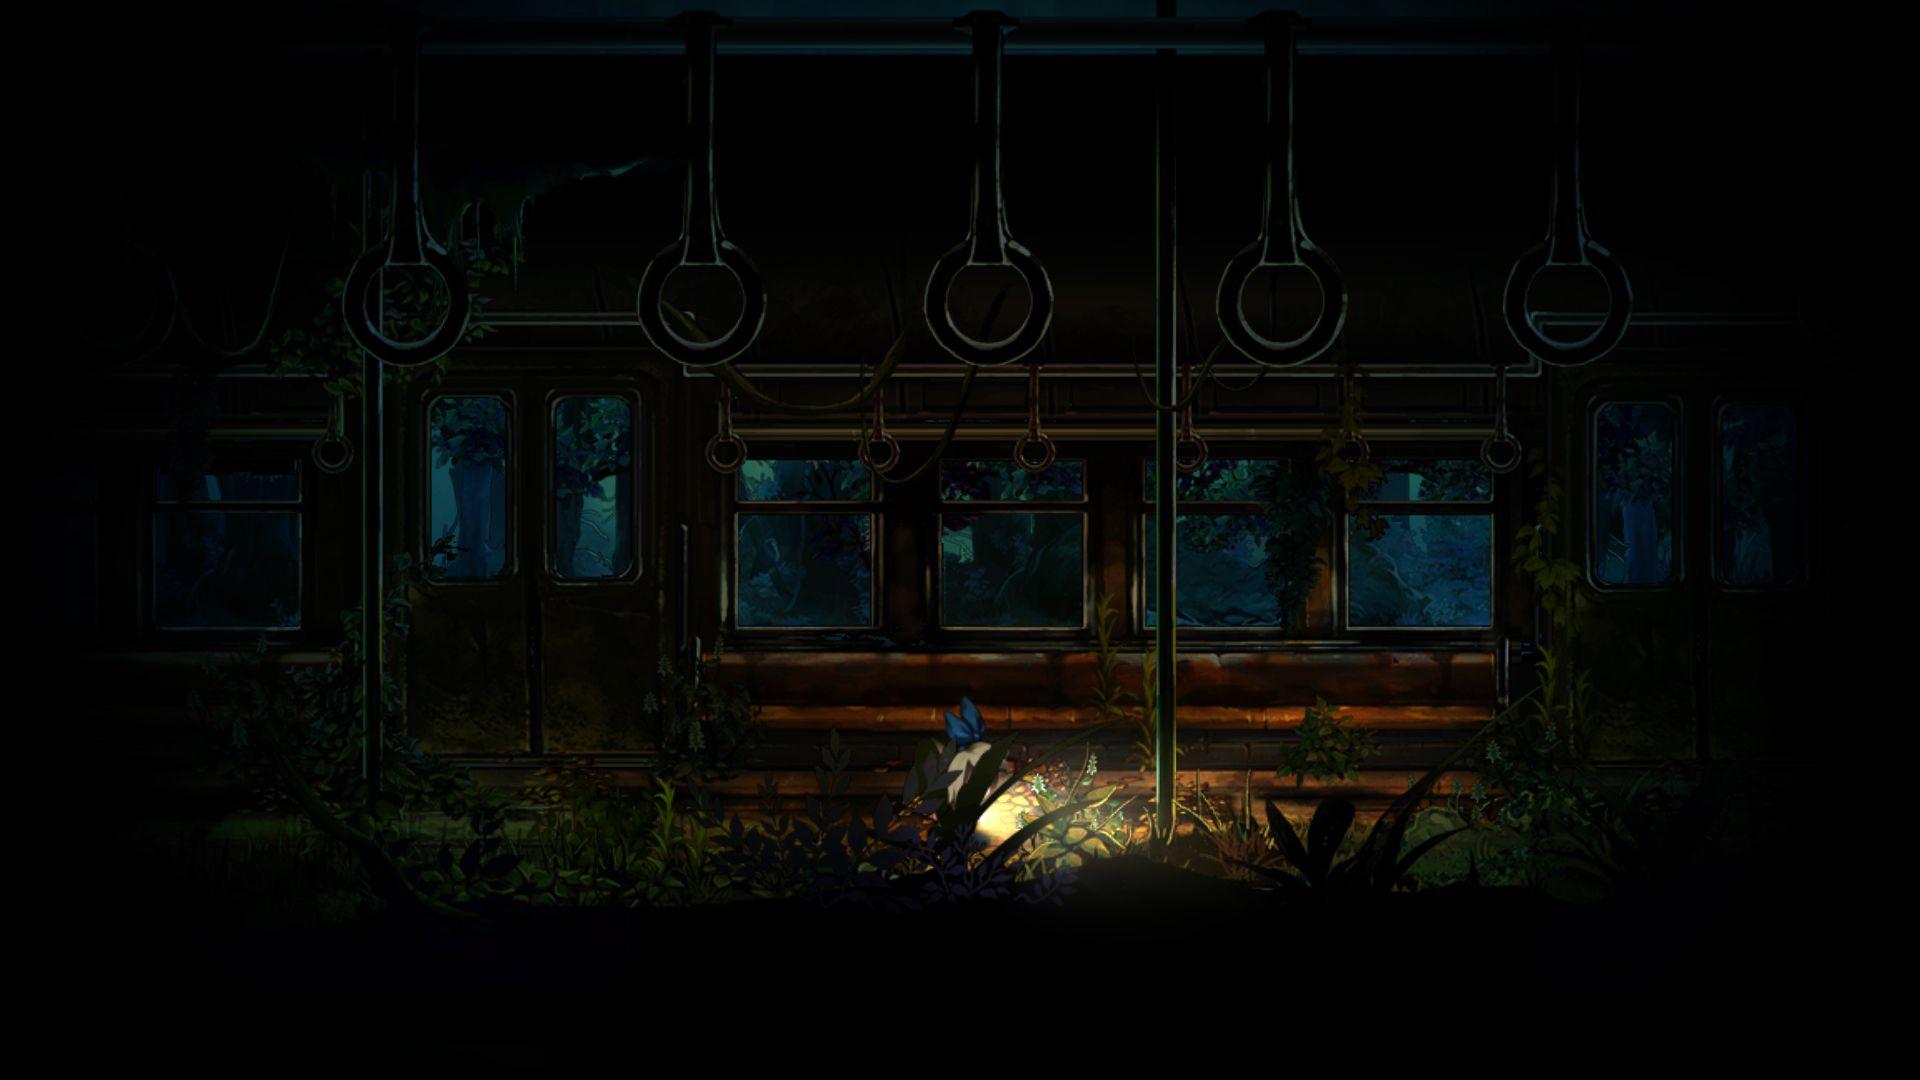 深夜廻 「深夜廻」のゲーム画面公開!ユイとハルがお互いを操作し探索を進める形式に